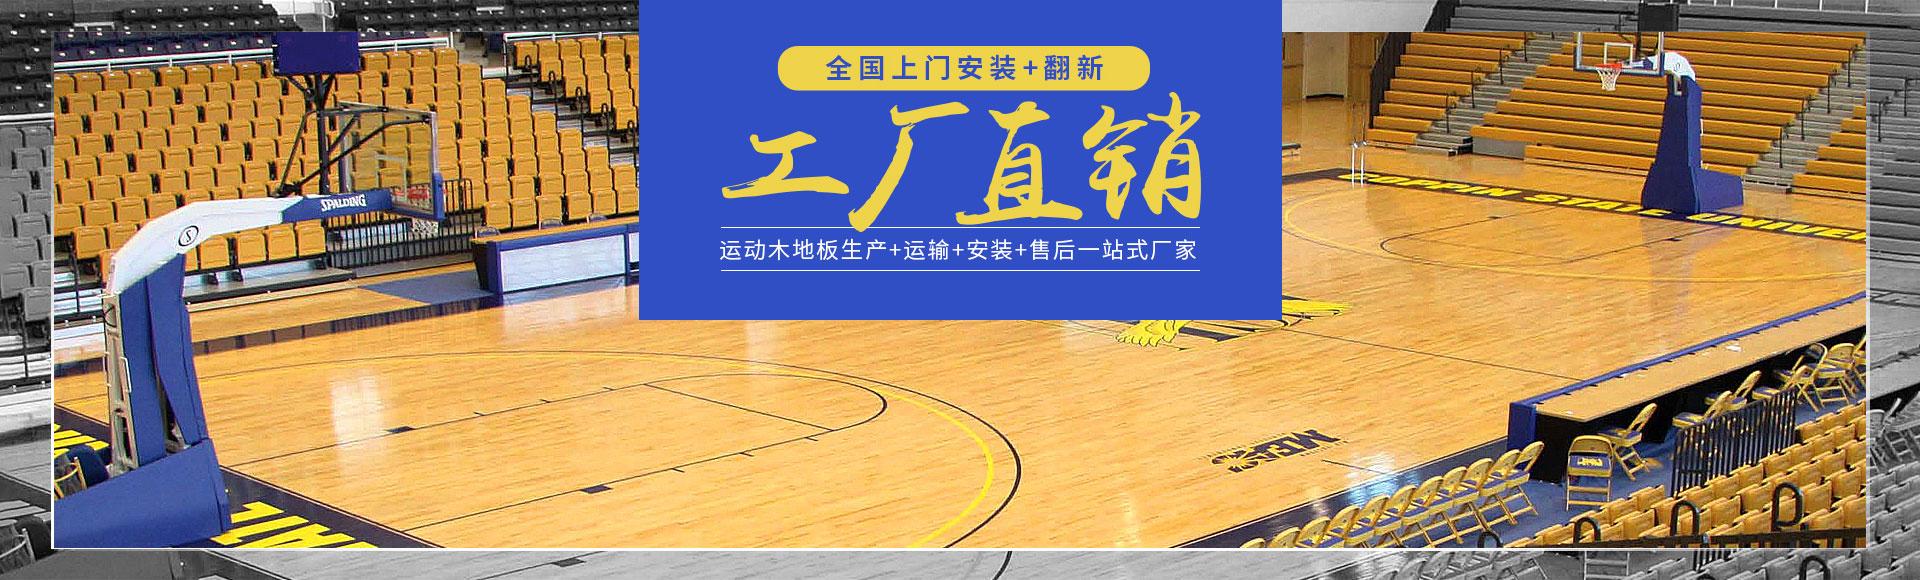 篮球木地板安装 体育木地板安装 舞台木地板安装-运动木地板